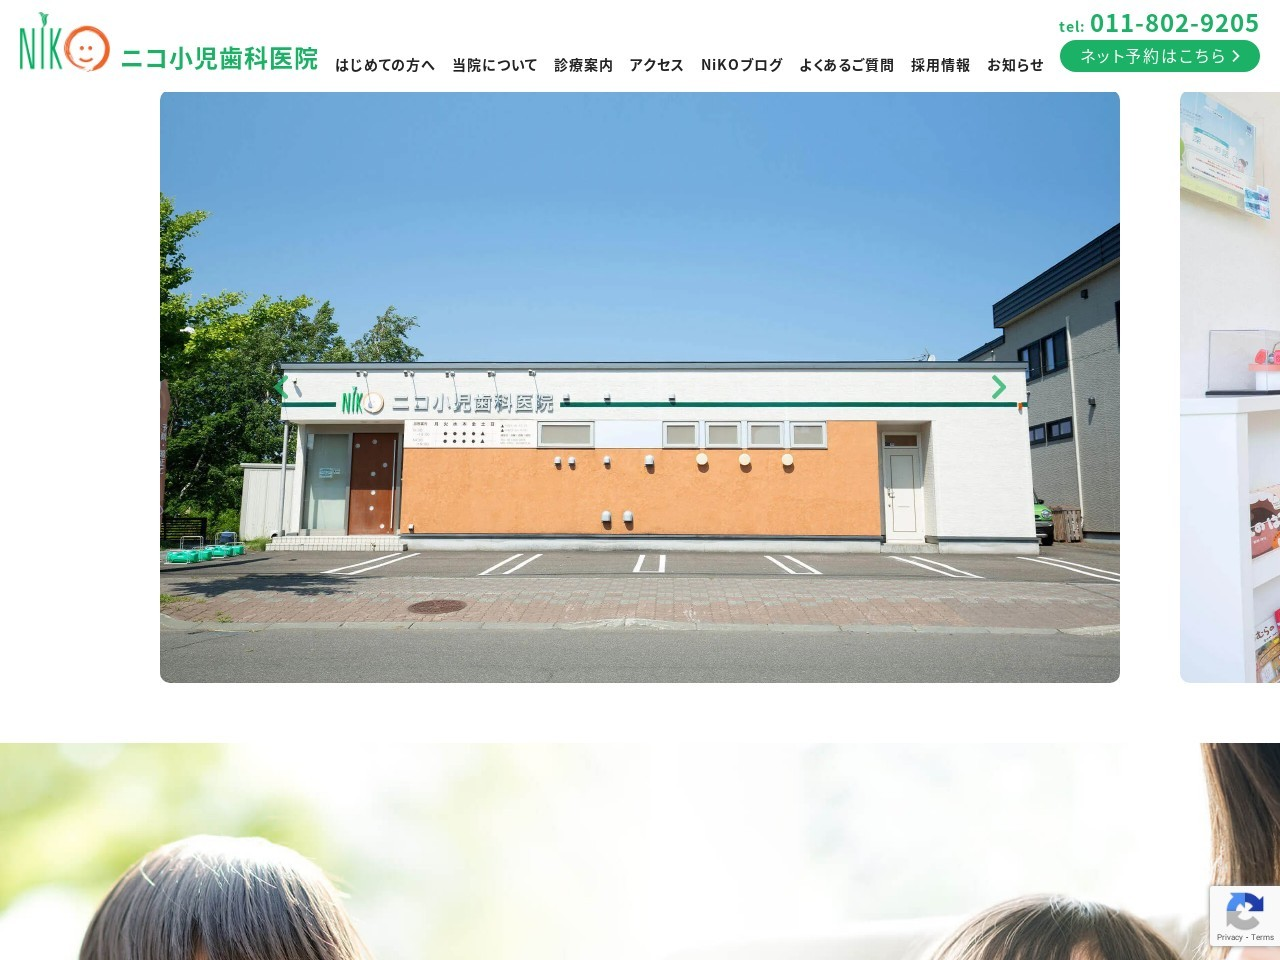 ニコ小児歯科医院 (北海道札幌市北区)